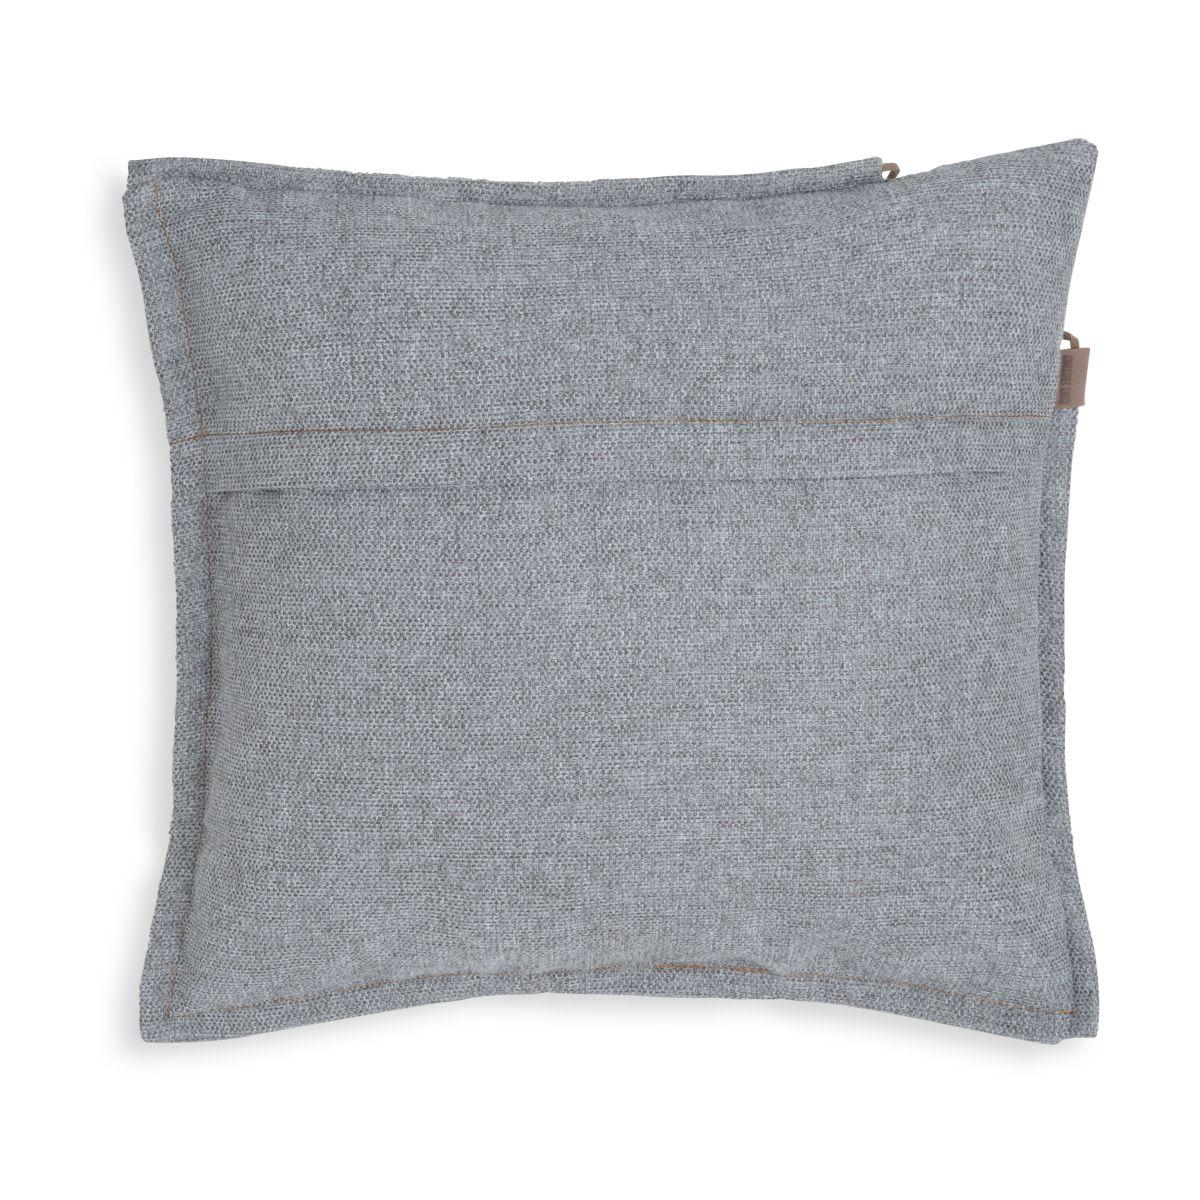 knit factory kf153012011 imre kussen licht grijs 50x50 2